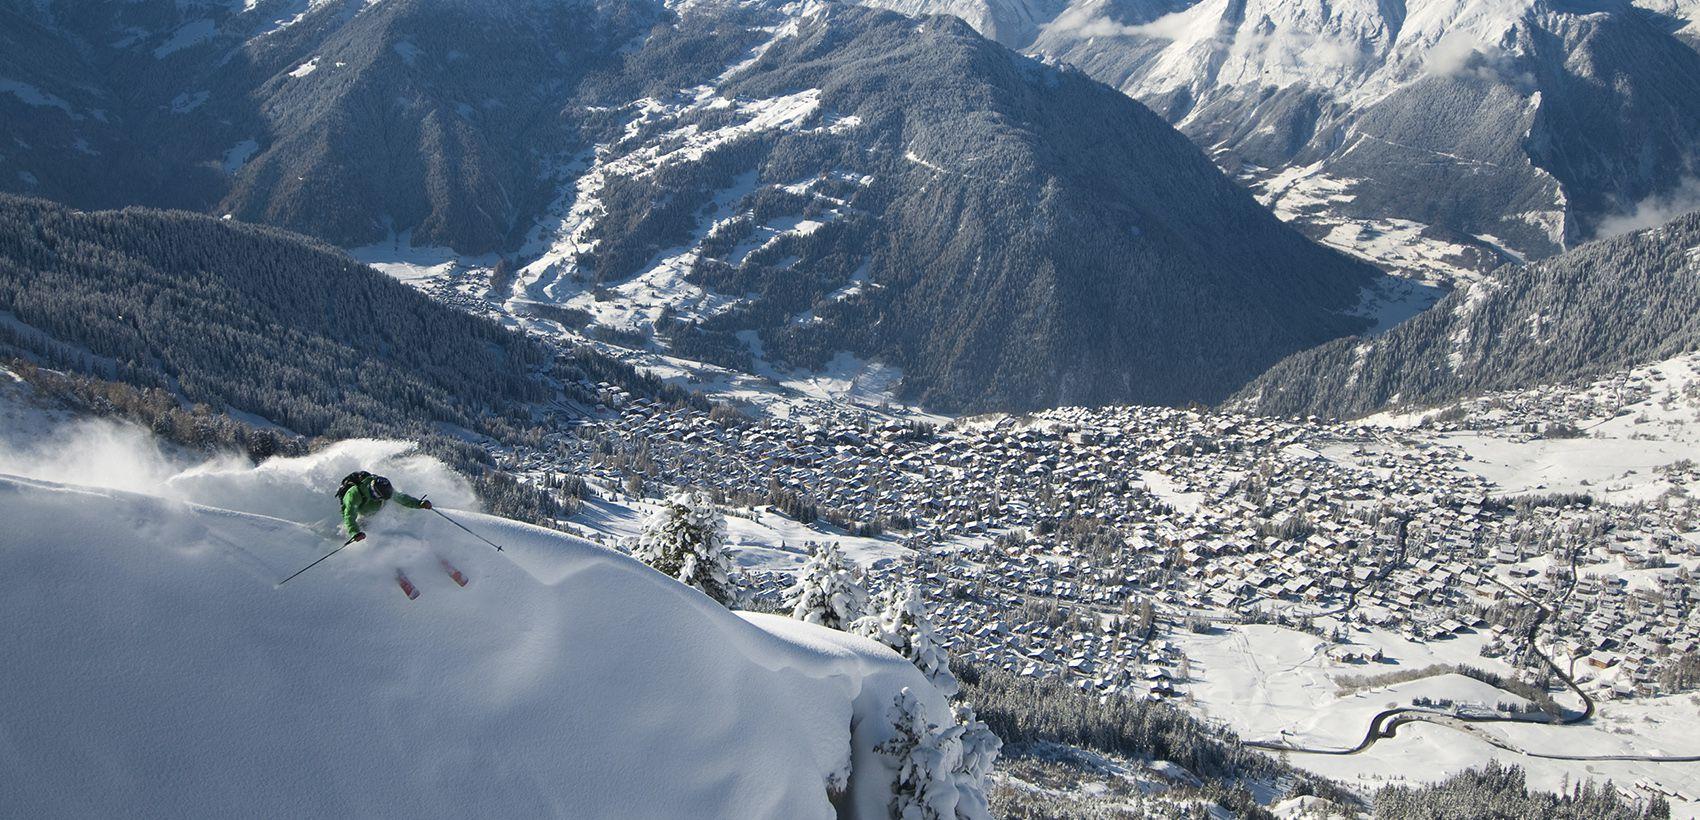 Neve: Alpes Suíços - Les 4 Vallées